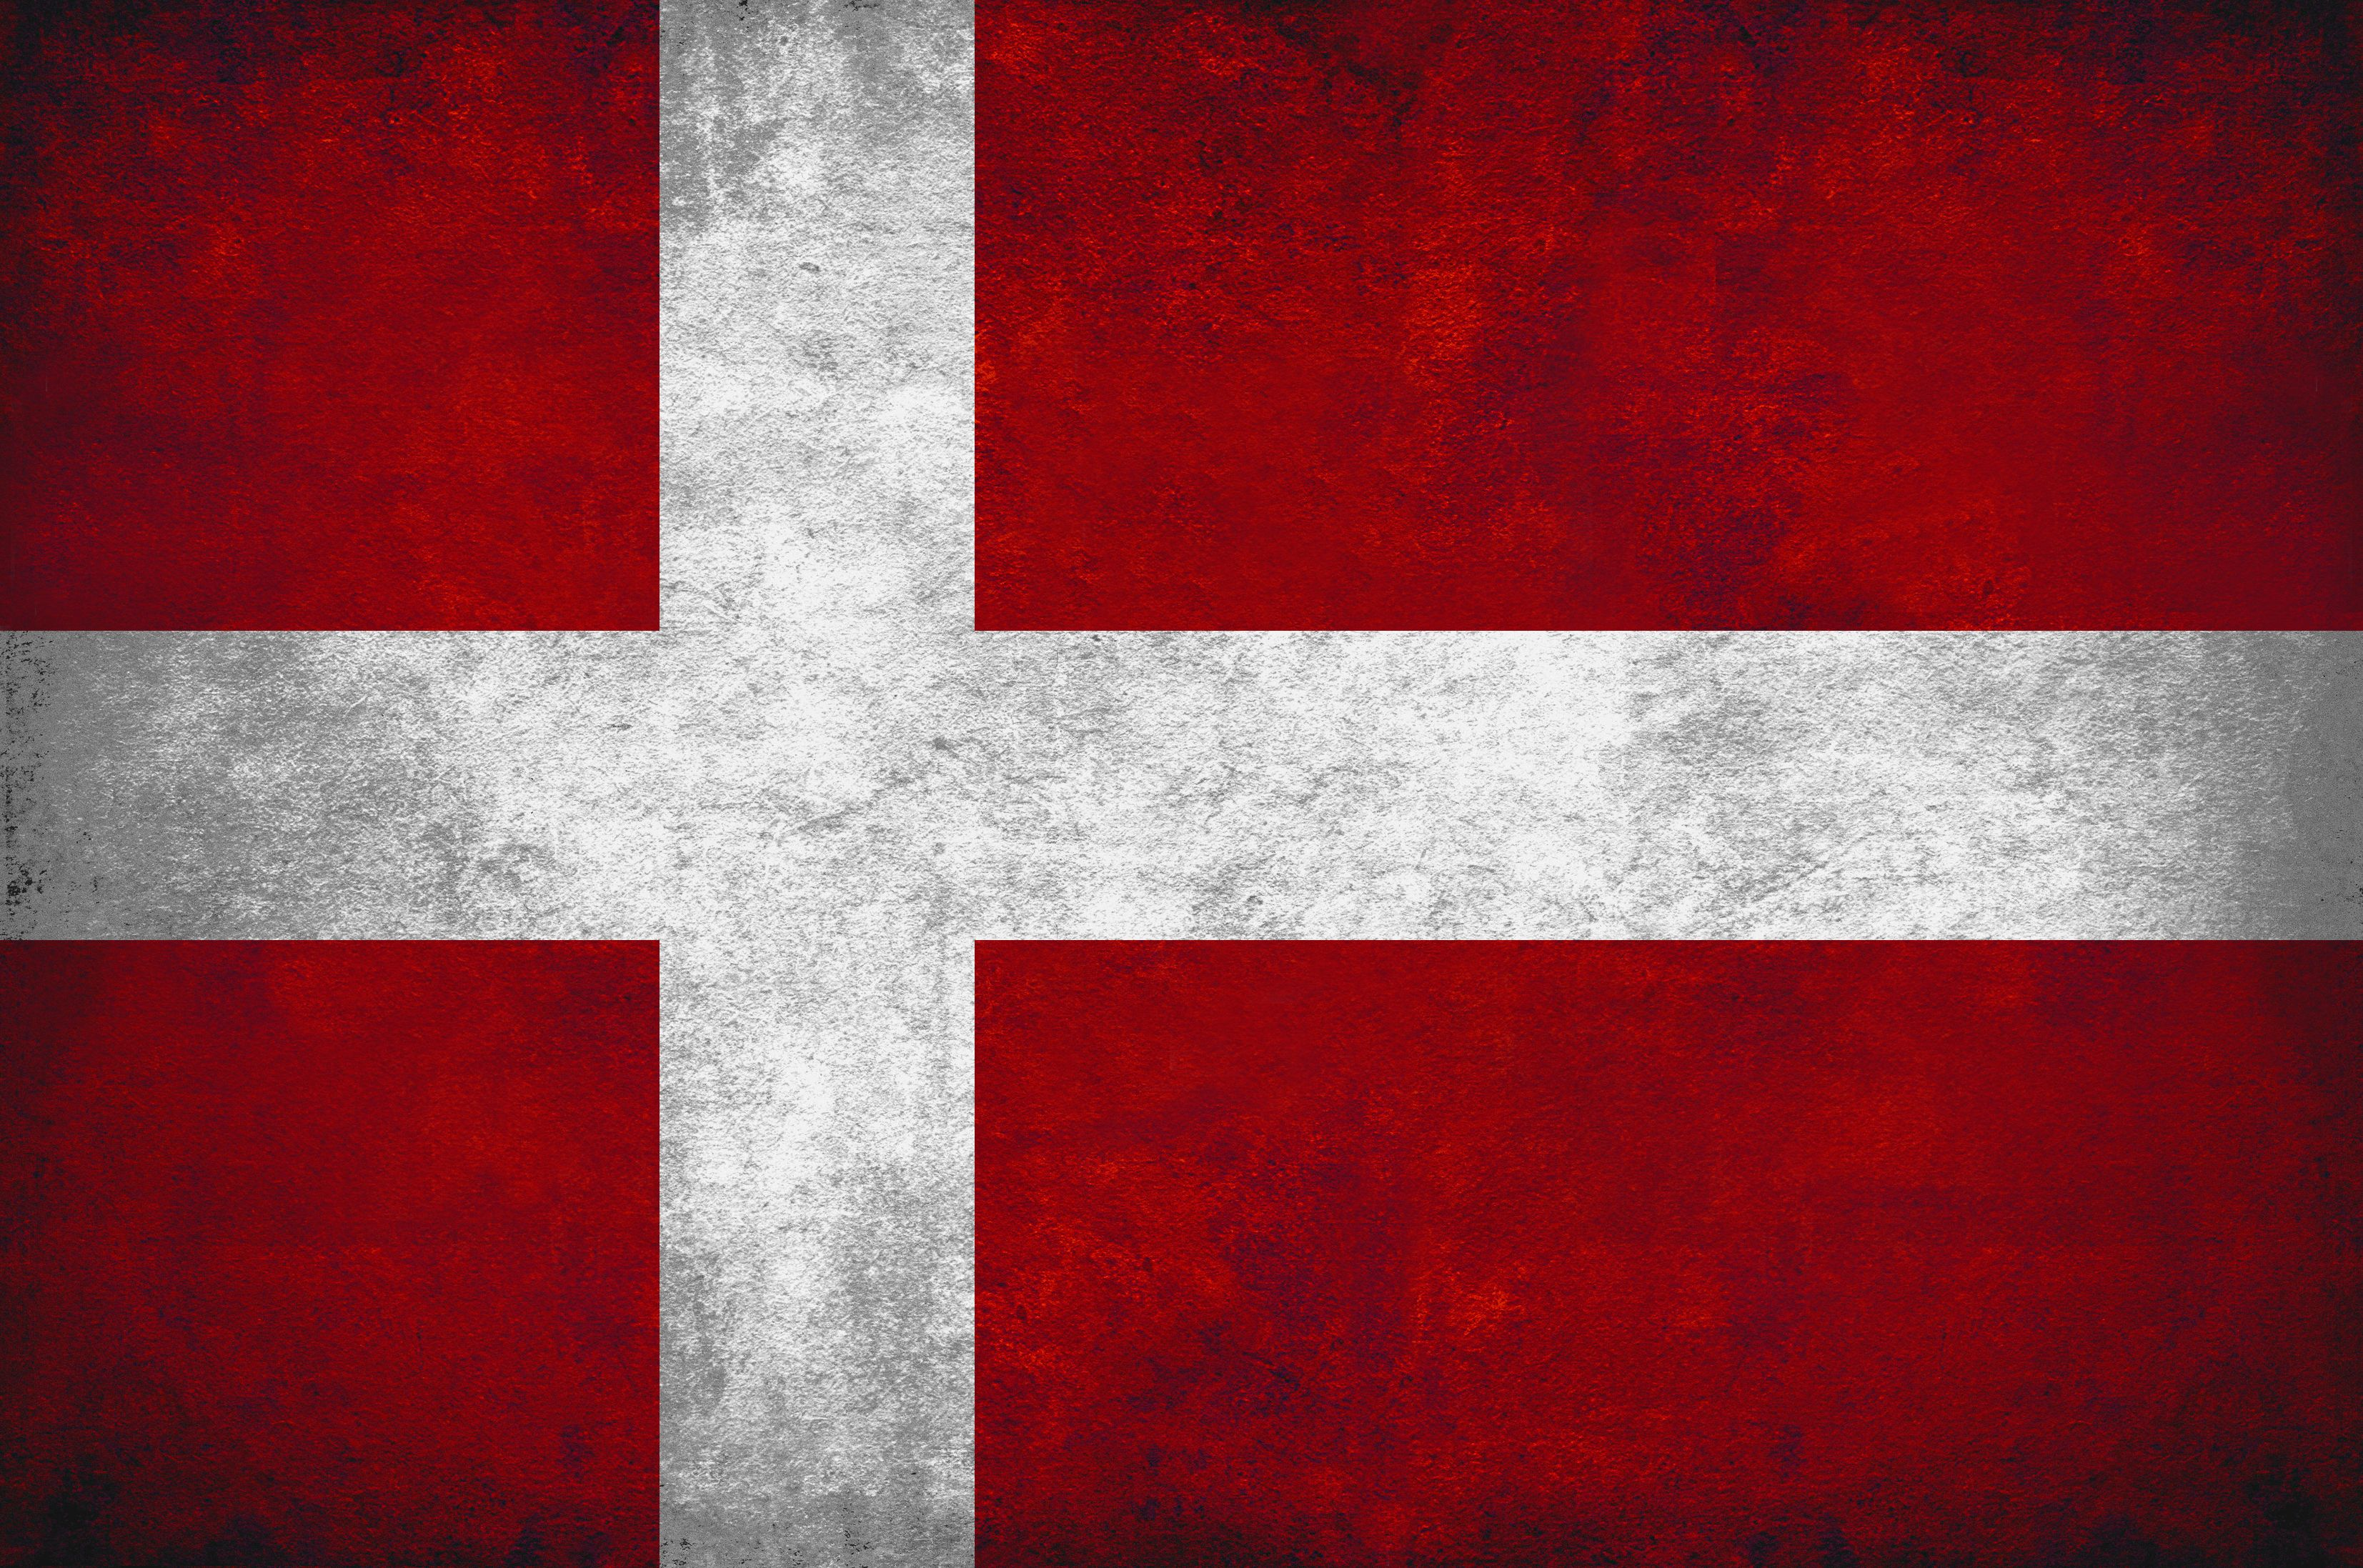 Denmark grunge flag photo